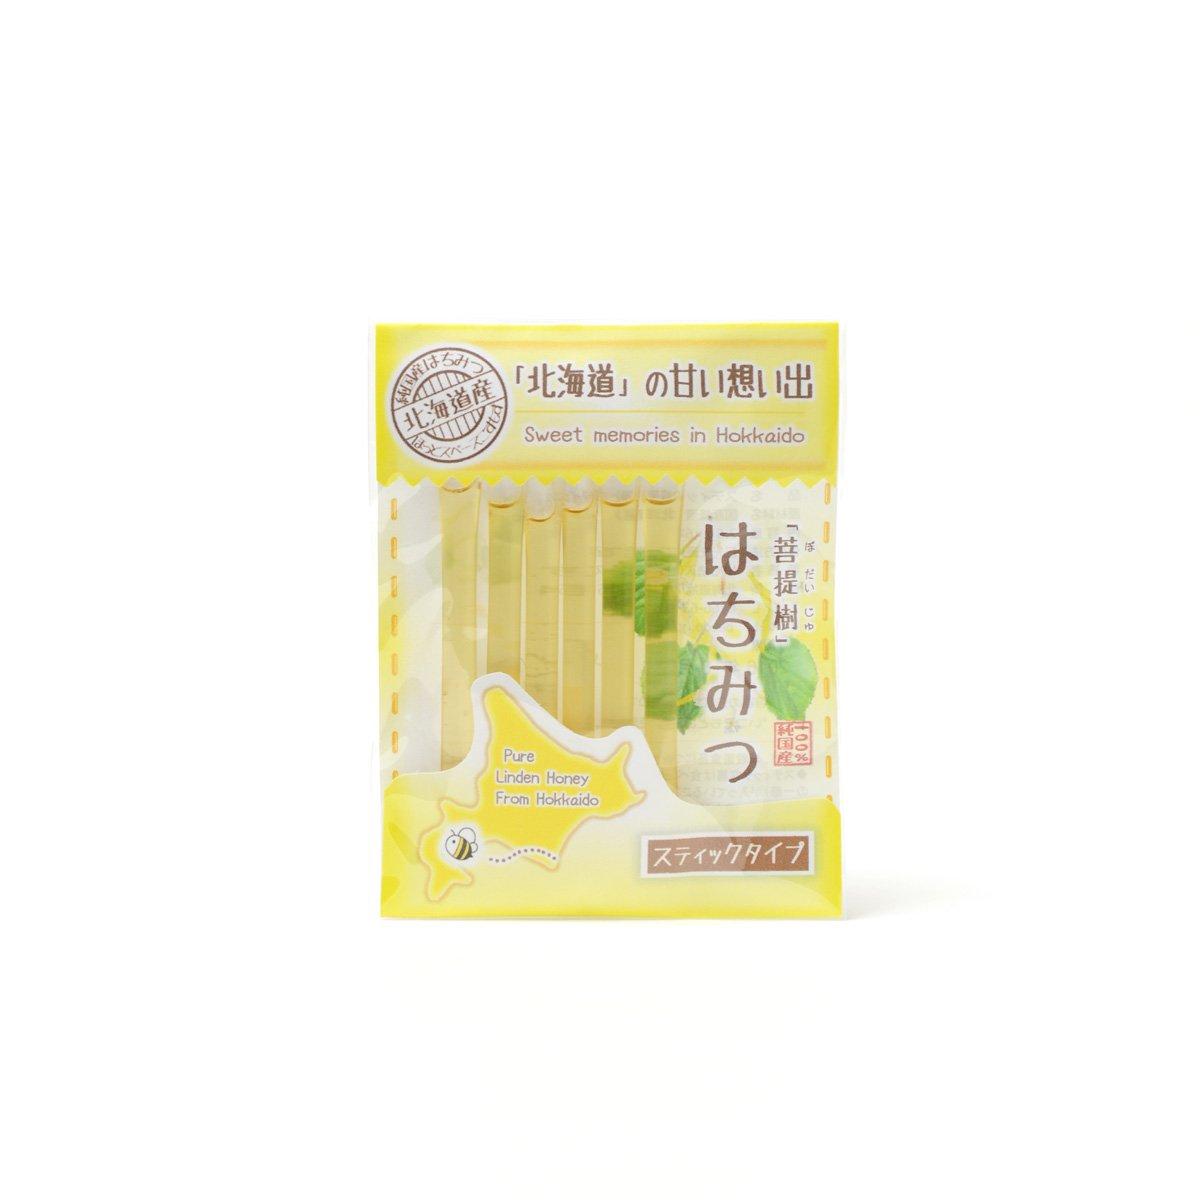 北海道産スティック蜂蜜 菩提樹 2.5g×6本